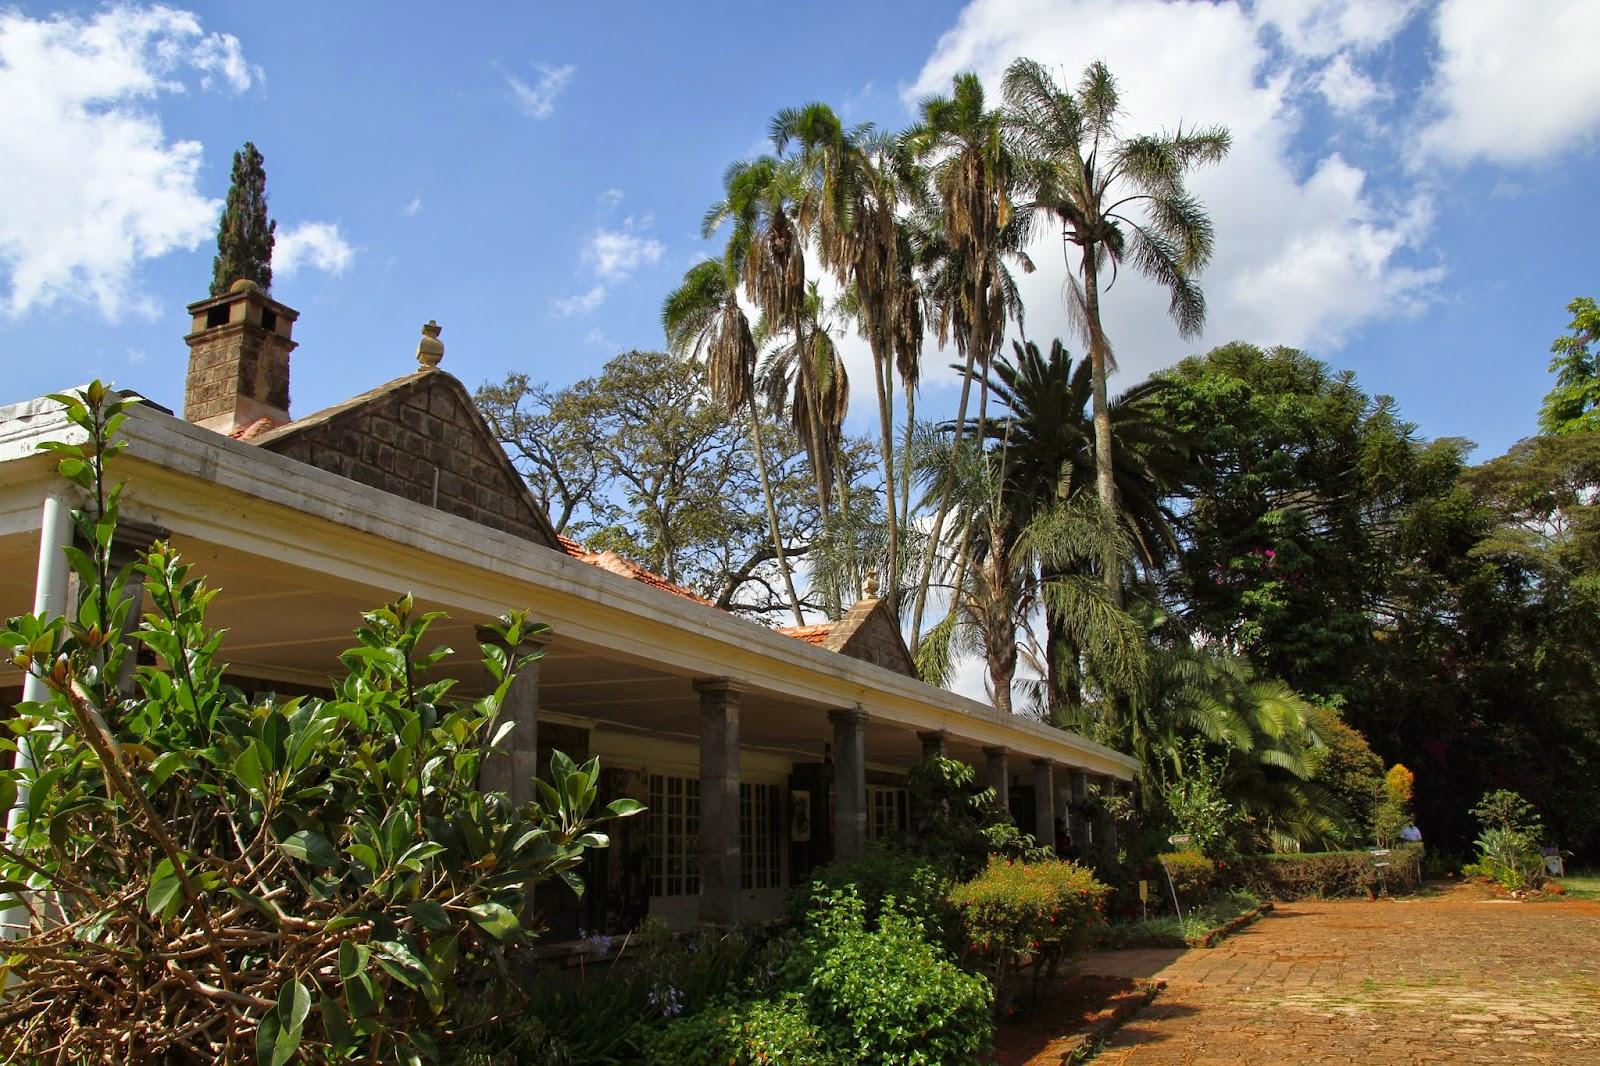 CIRCUITO EM NAIROBI: em visita ao GIRAFFE CENTER e MUSEU KAREN BLIXEN | Quénia